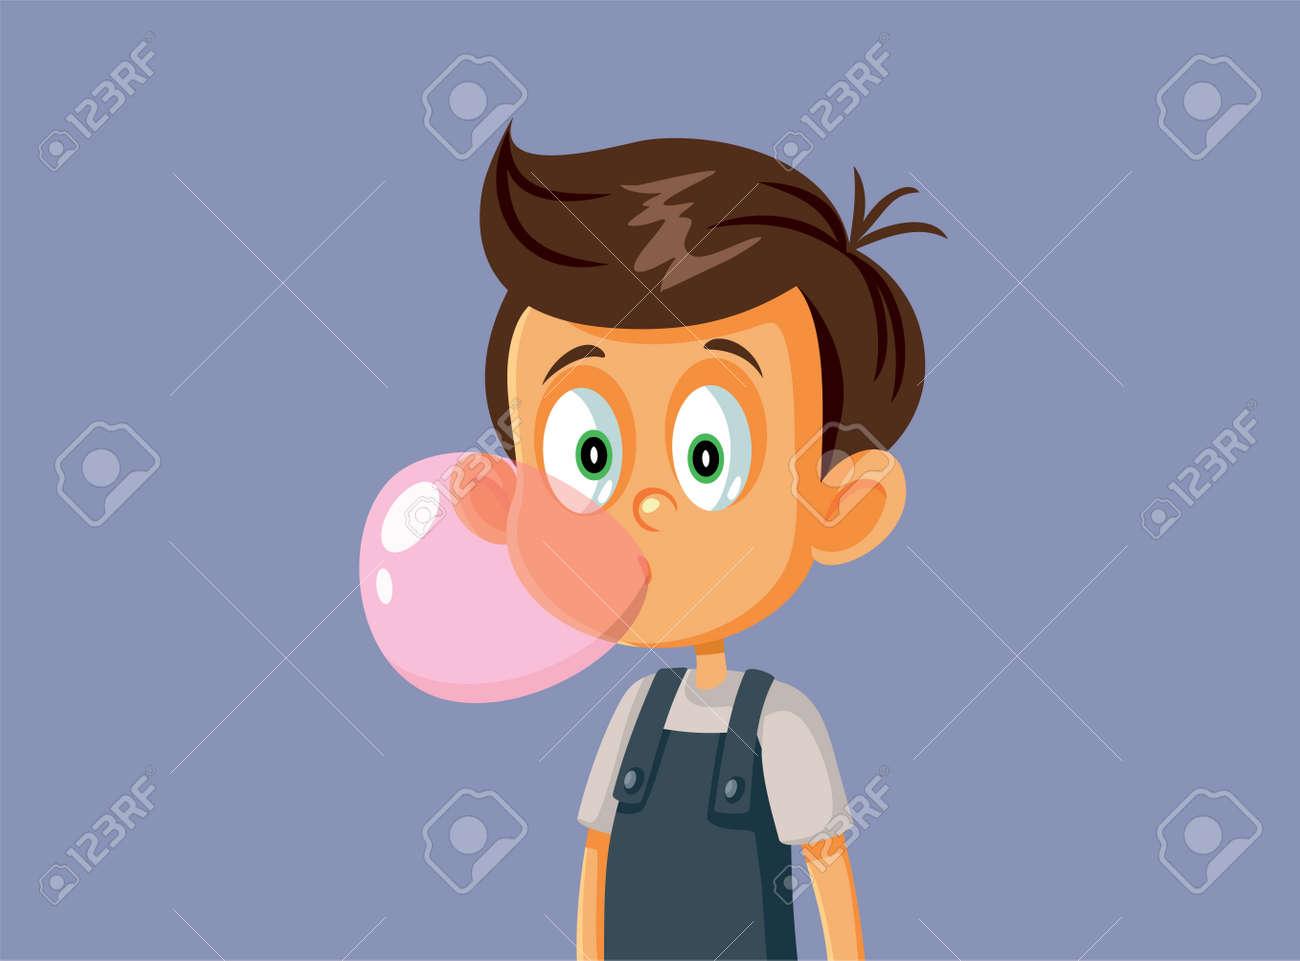 Little Boy Chewing Bubble Gum Vector Illustration - 171232951